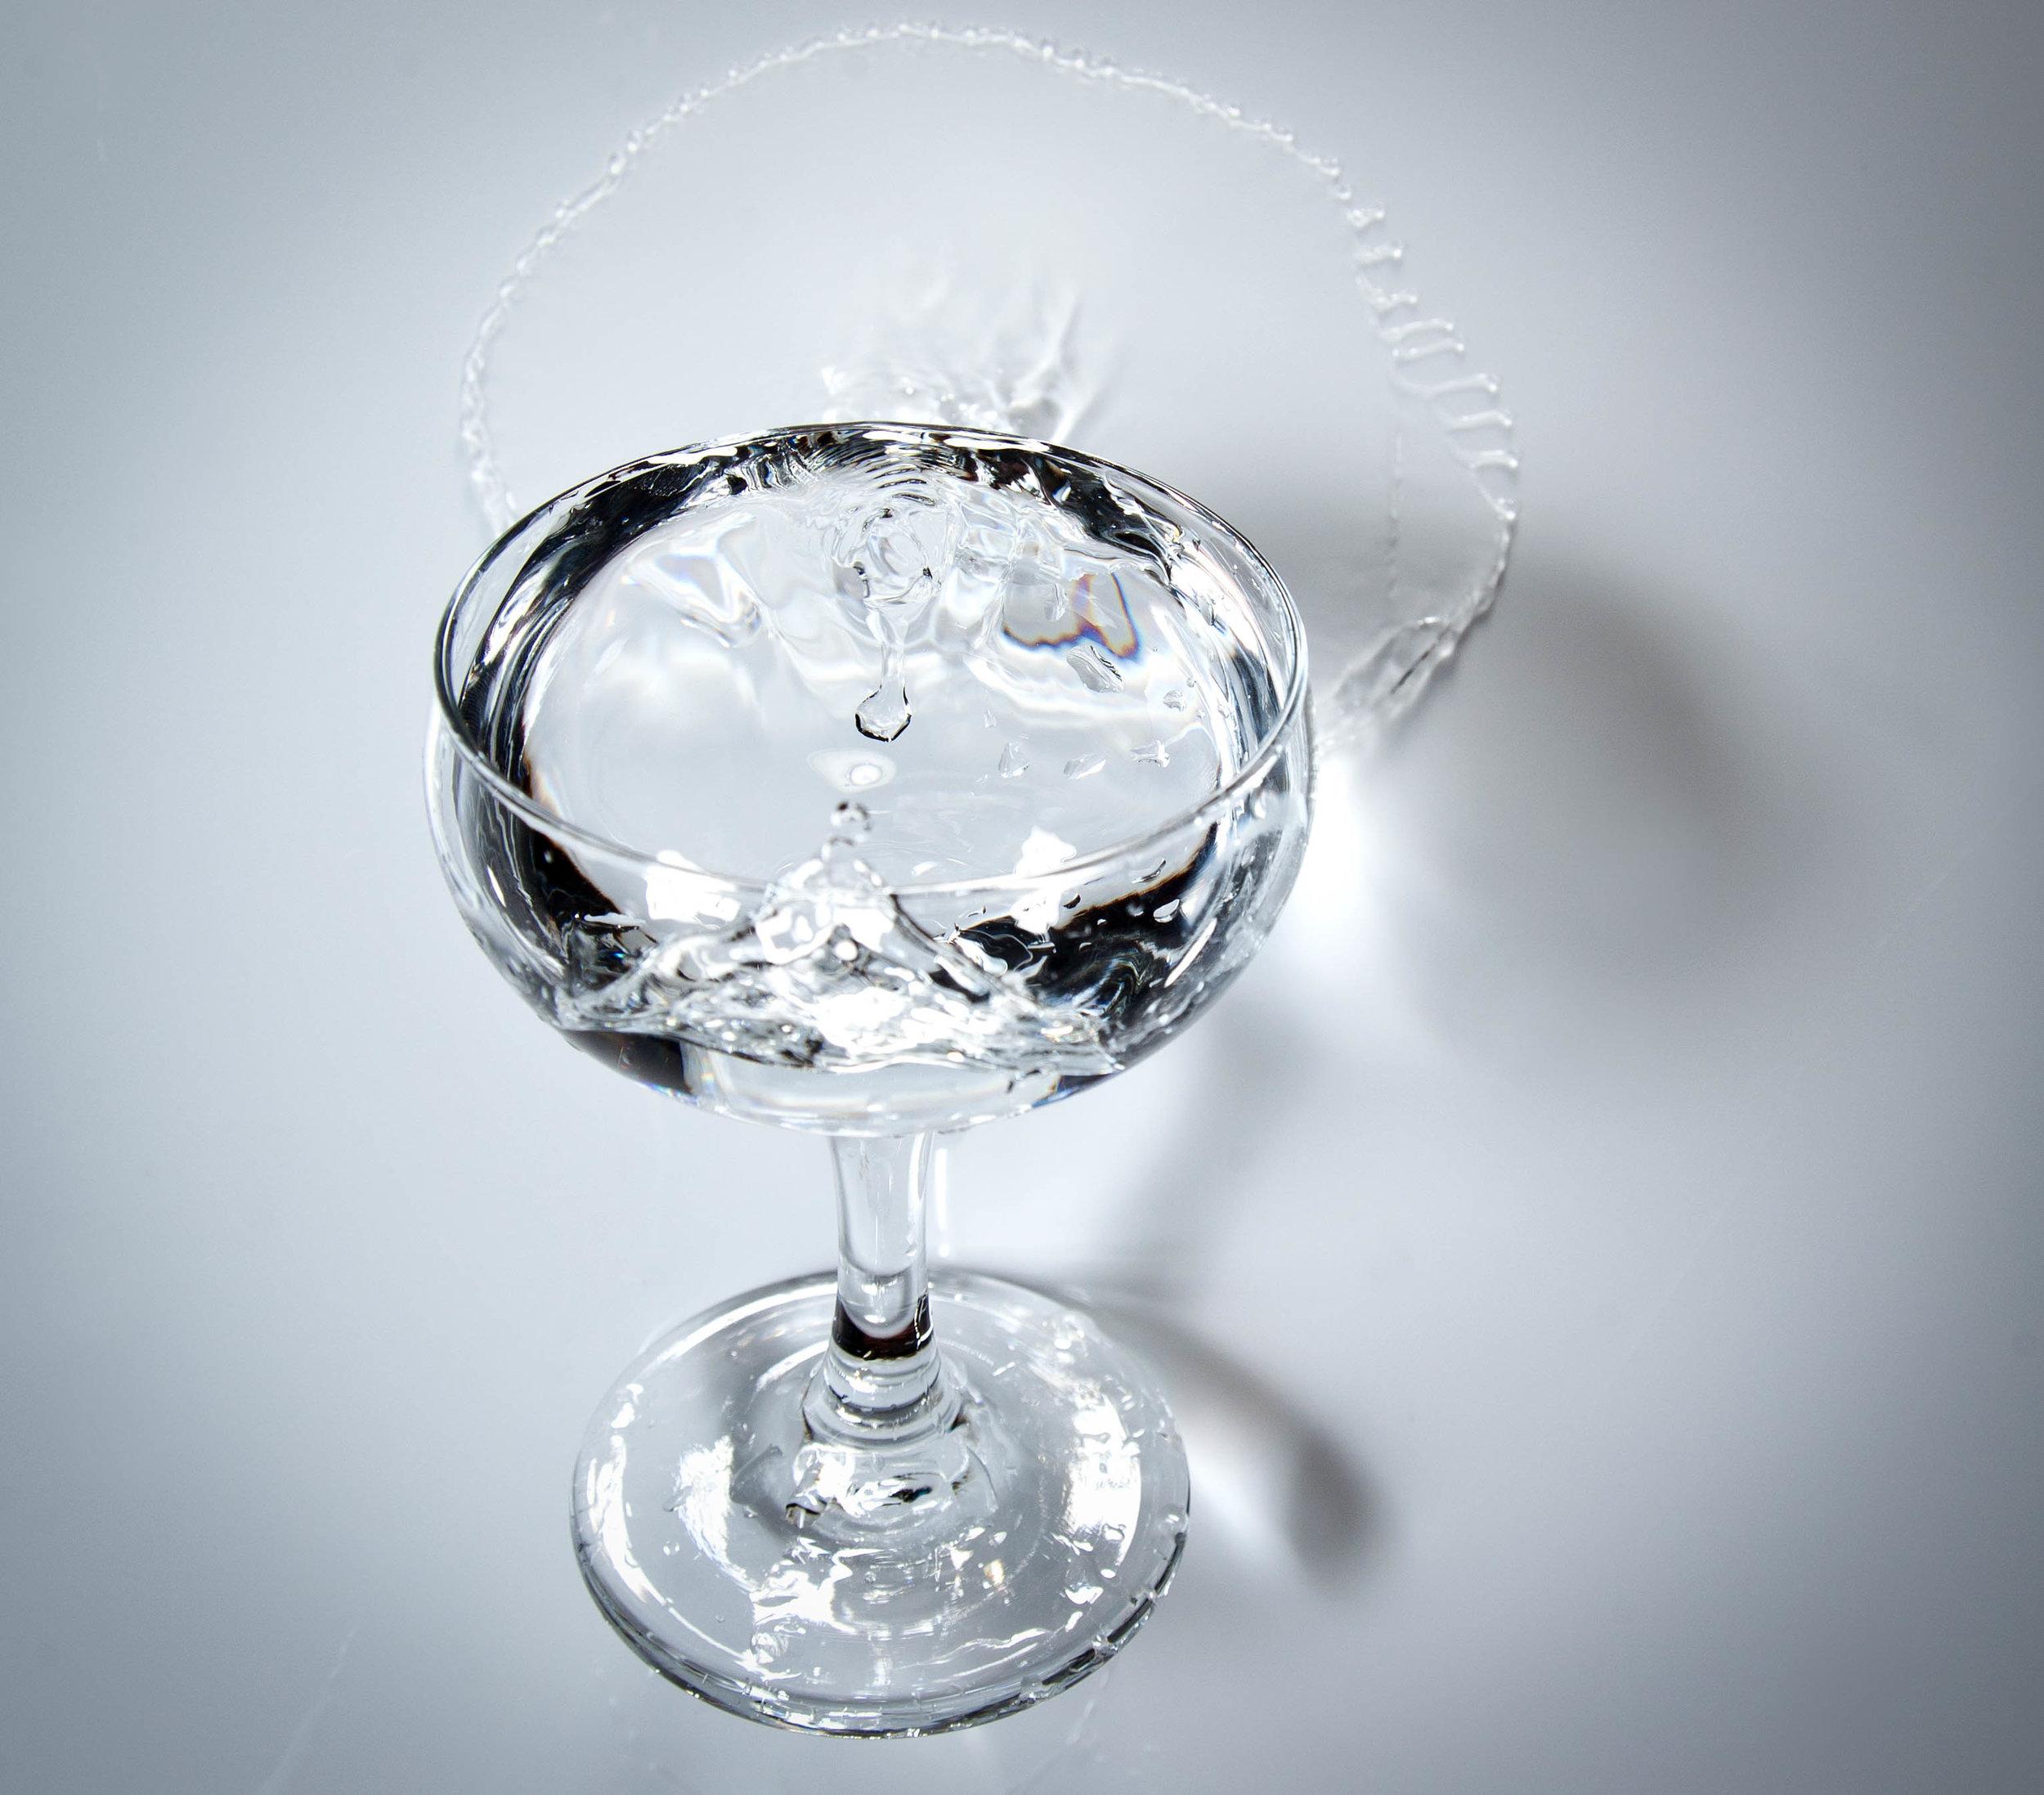 20120307DrinkingGlassSpill-60.jpg